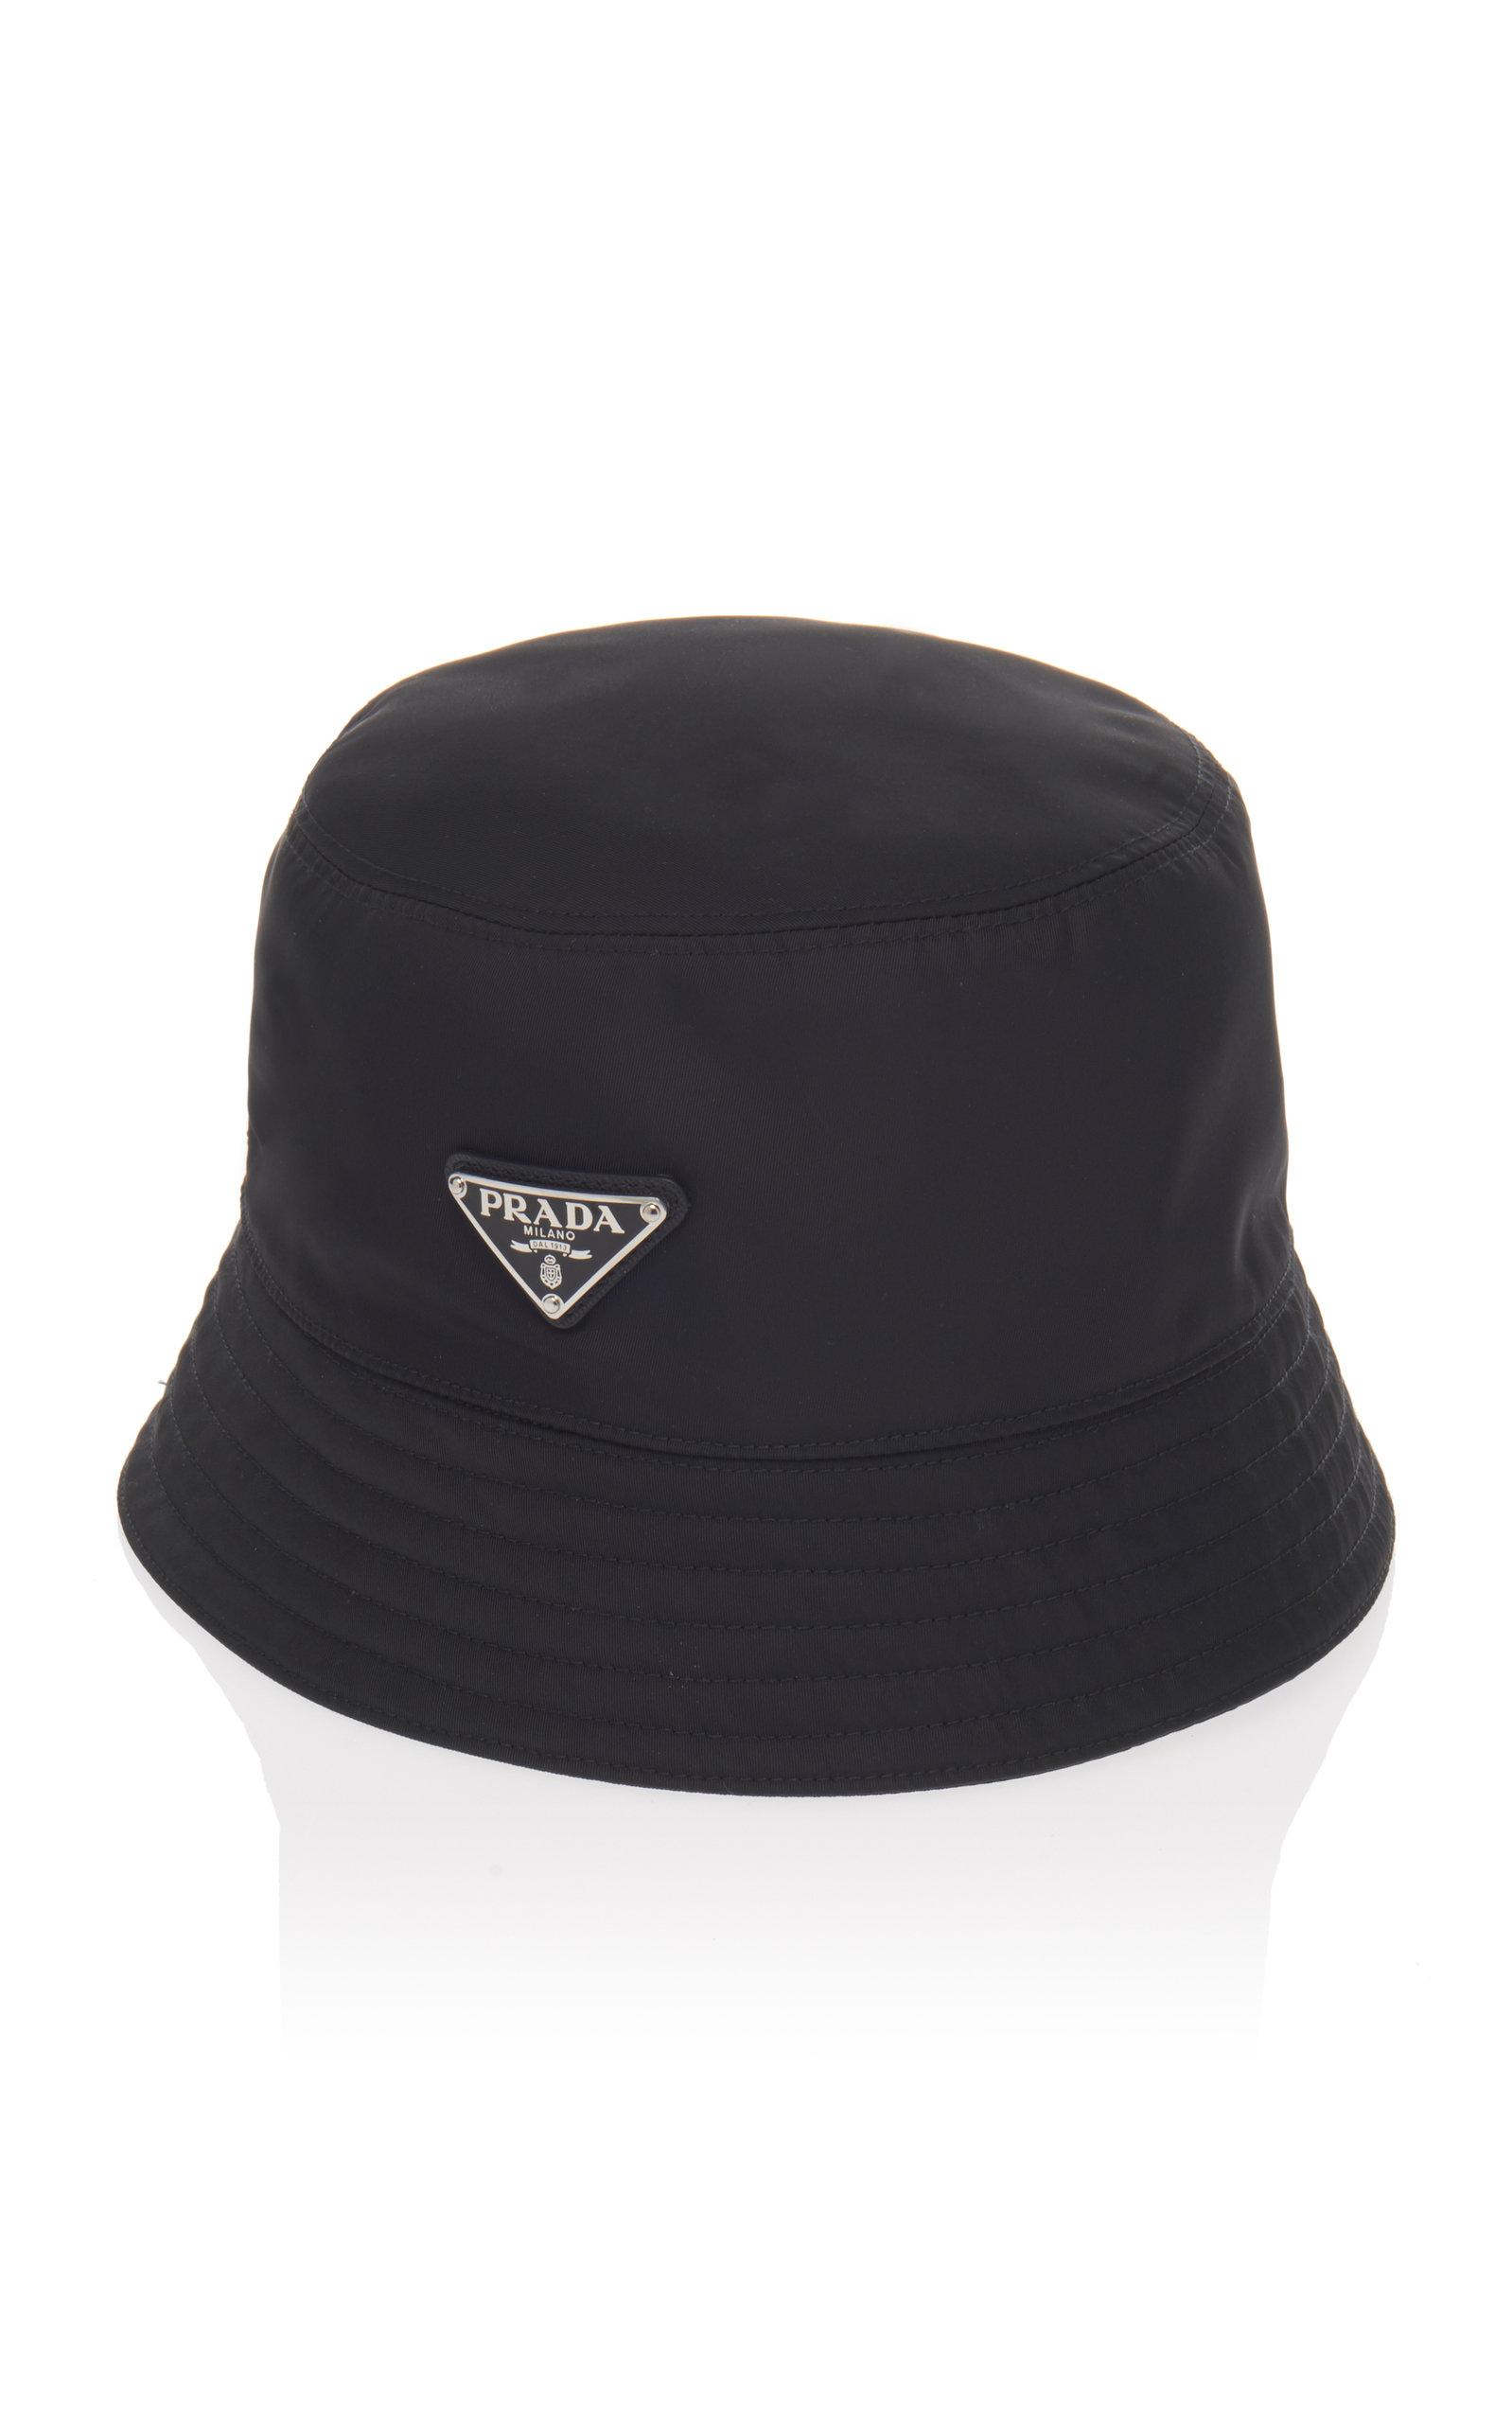 Shell Bucket Hat by Prada  e27105fb13b